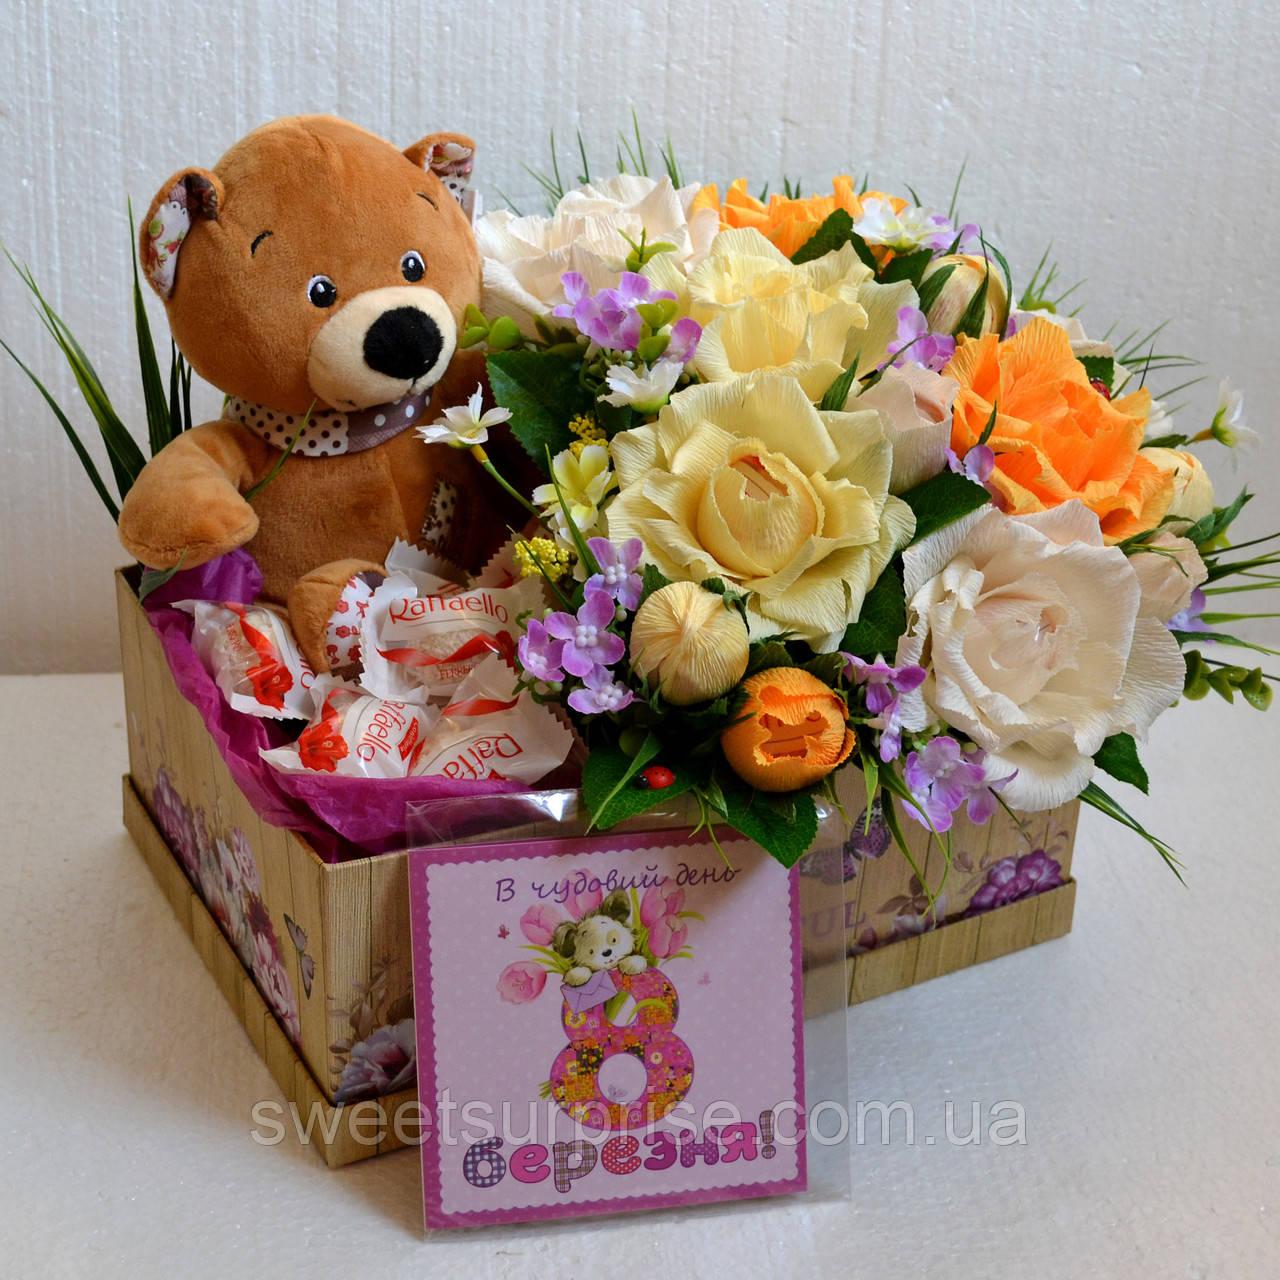 Композиция из конфет к 8 Марта в подарочной коробке